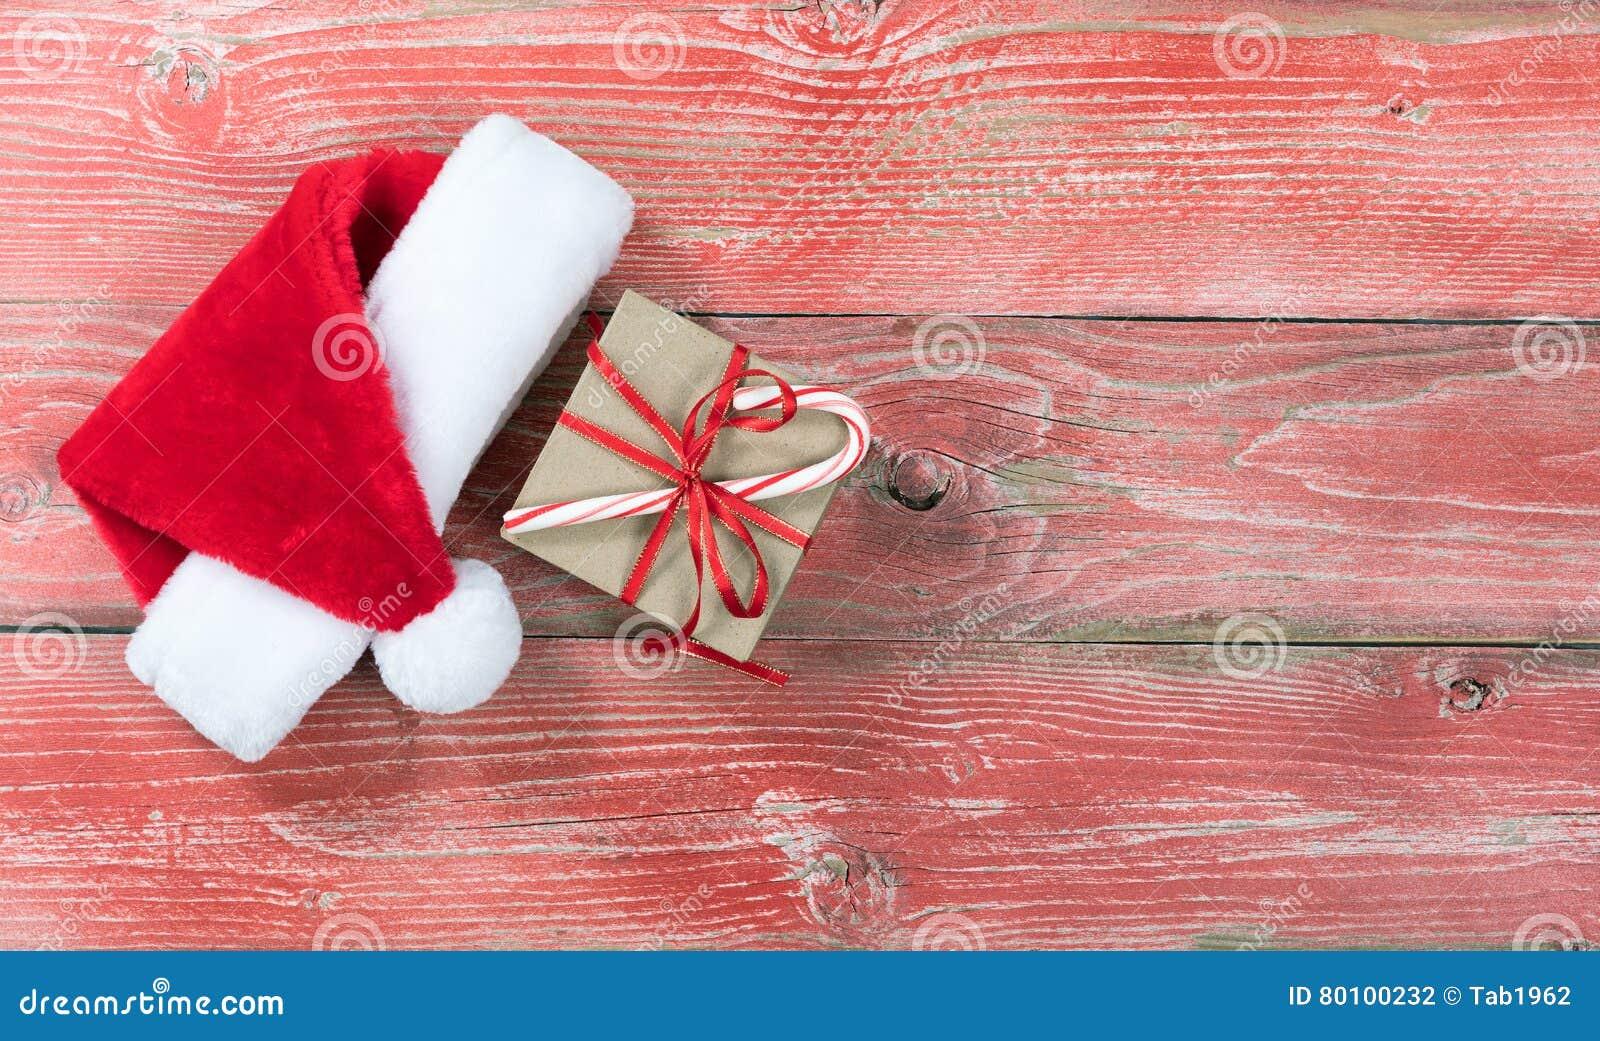 Caixa de presente de época natalícia com o tampão de Santa em placas de madeira vermelhas rústicas